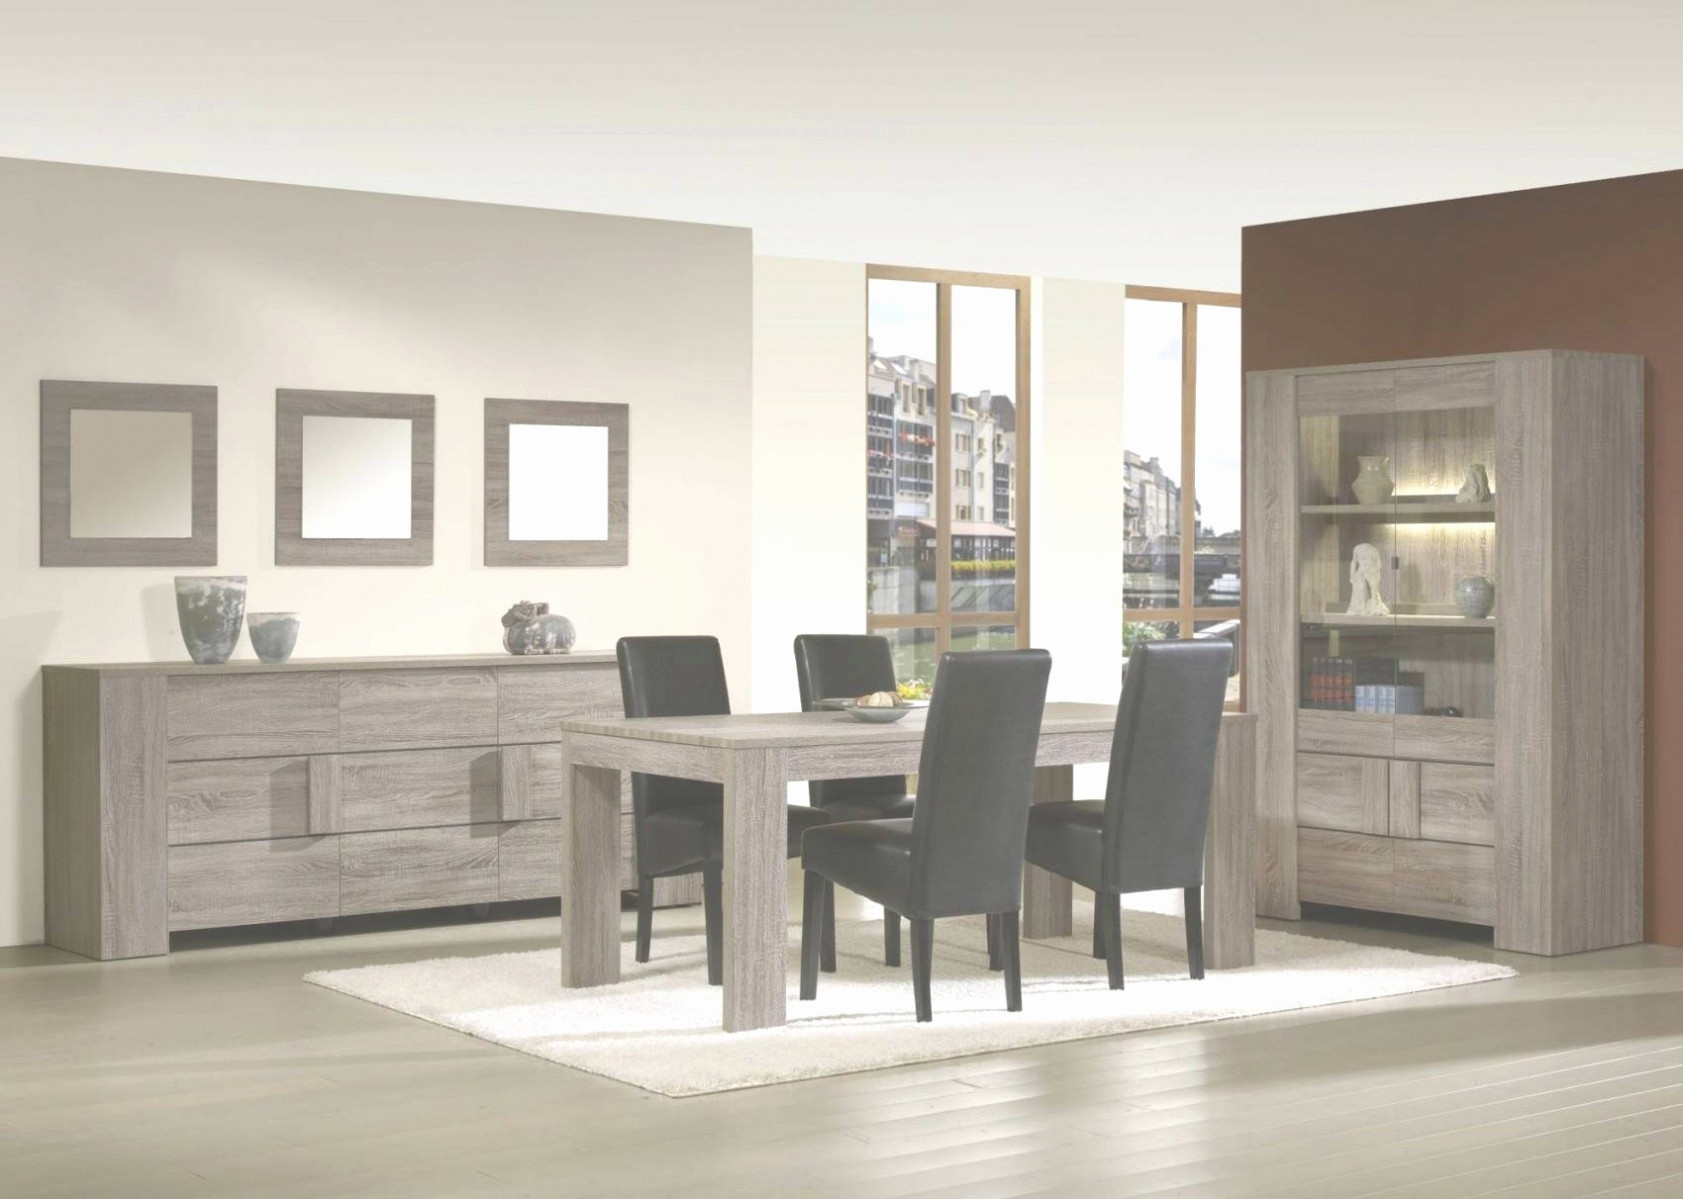 meuble pour salon meuble de salon elegant lesmeubles meuble salon moderne meilleur de of meuble pour salon